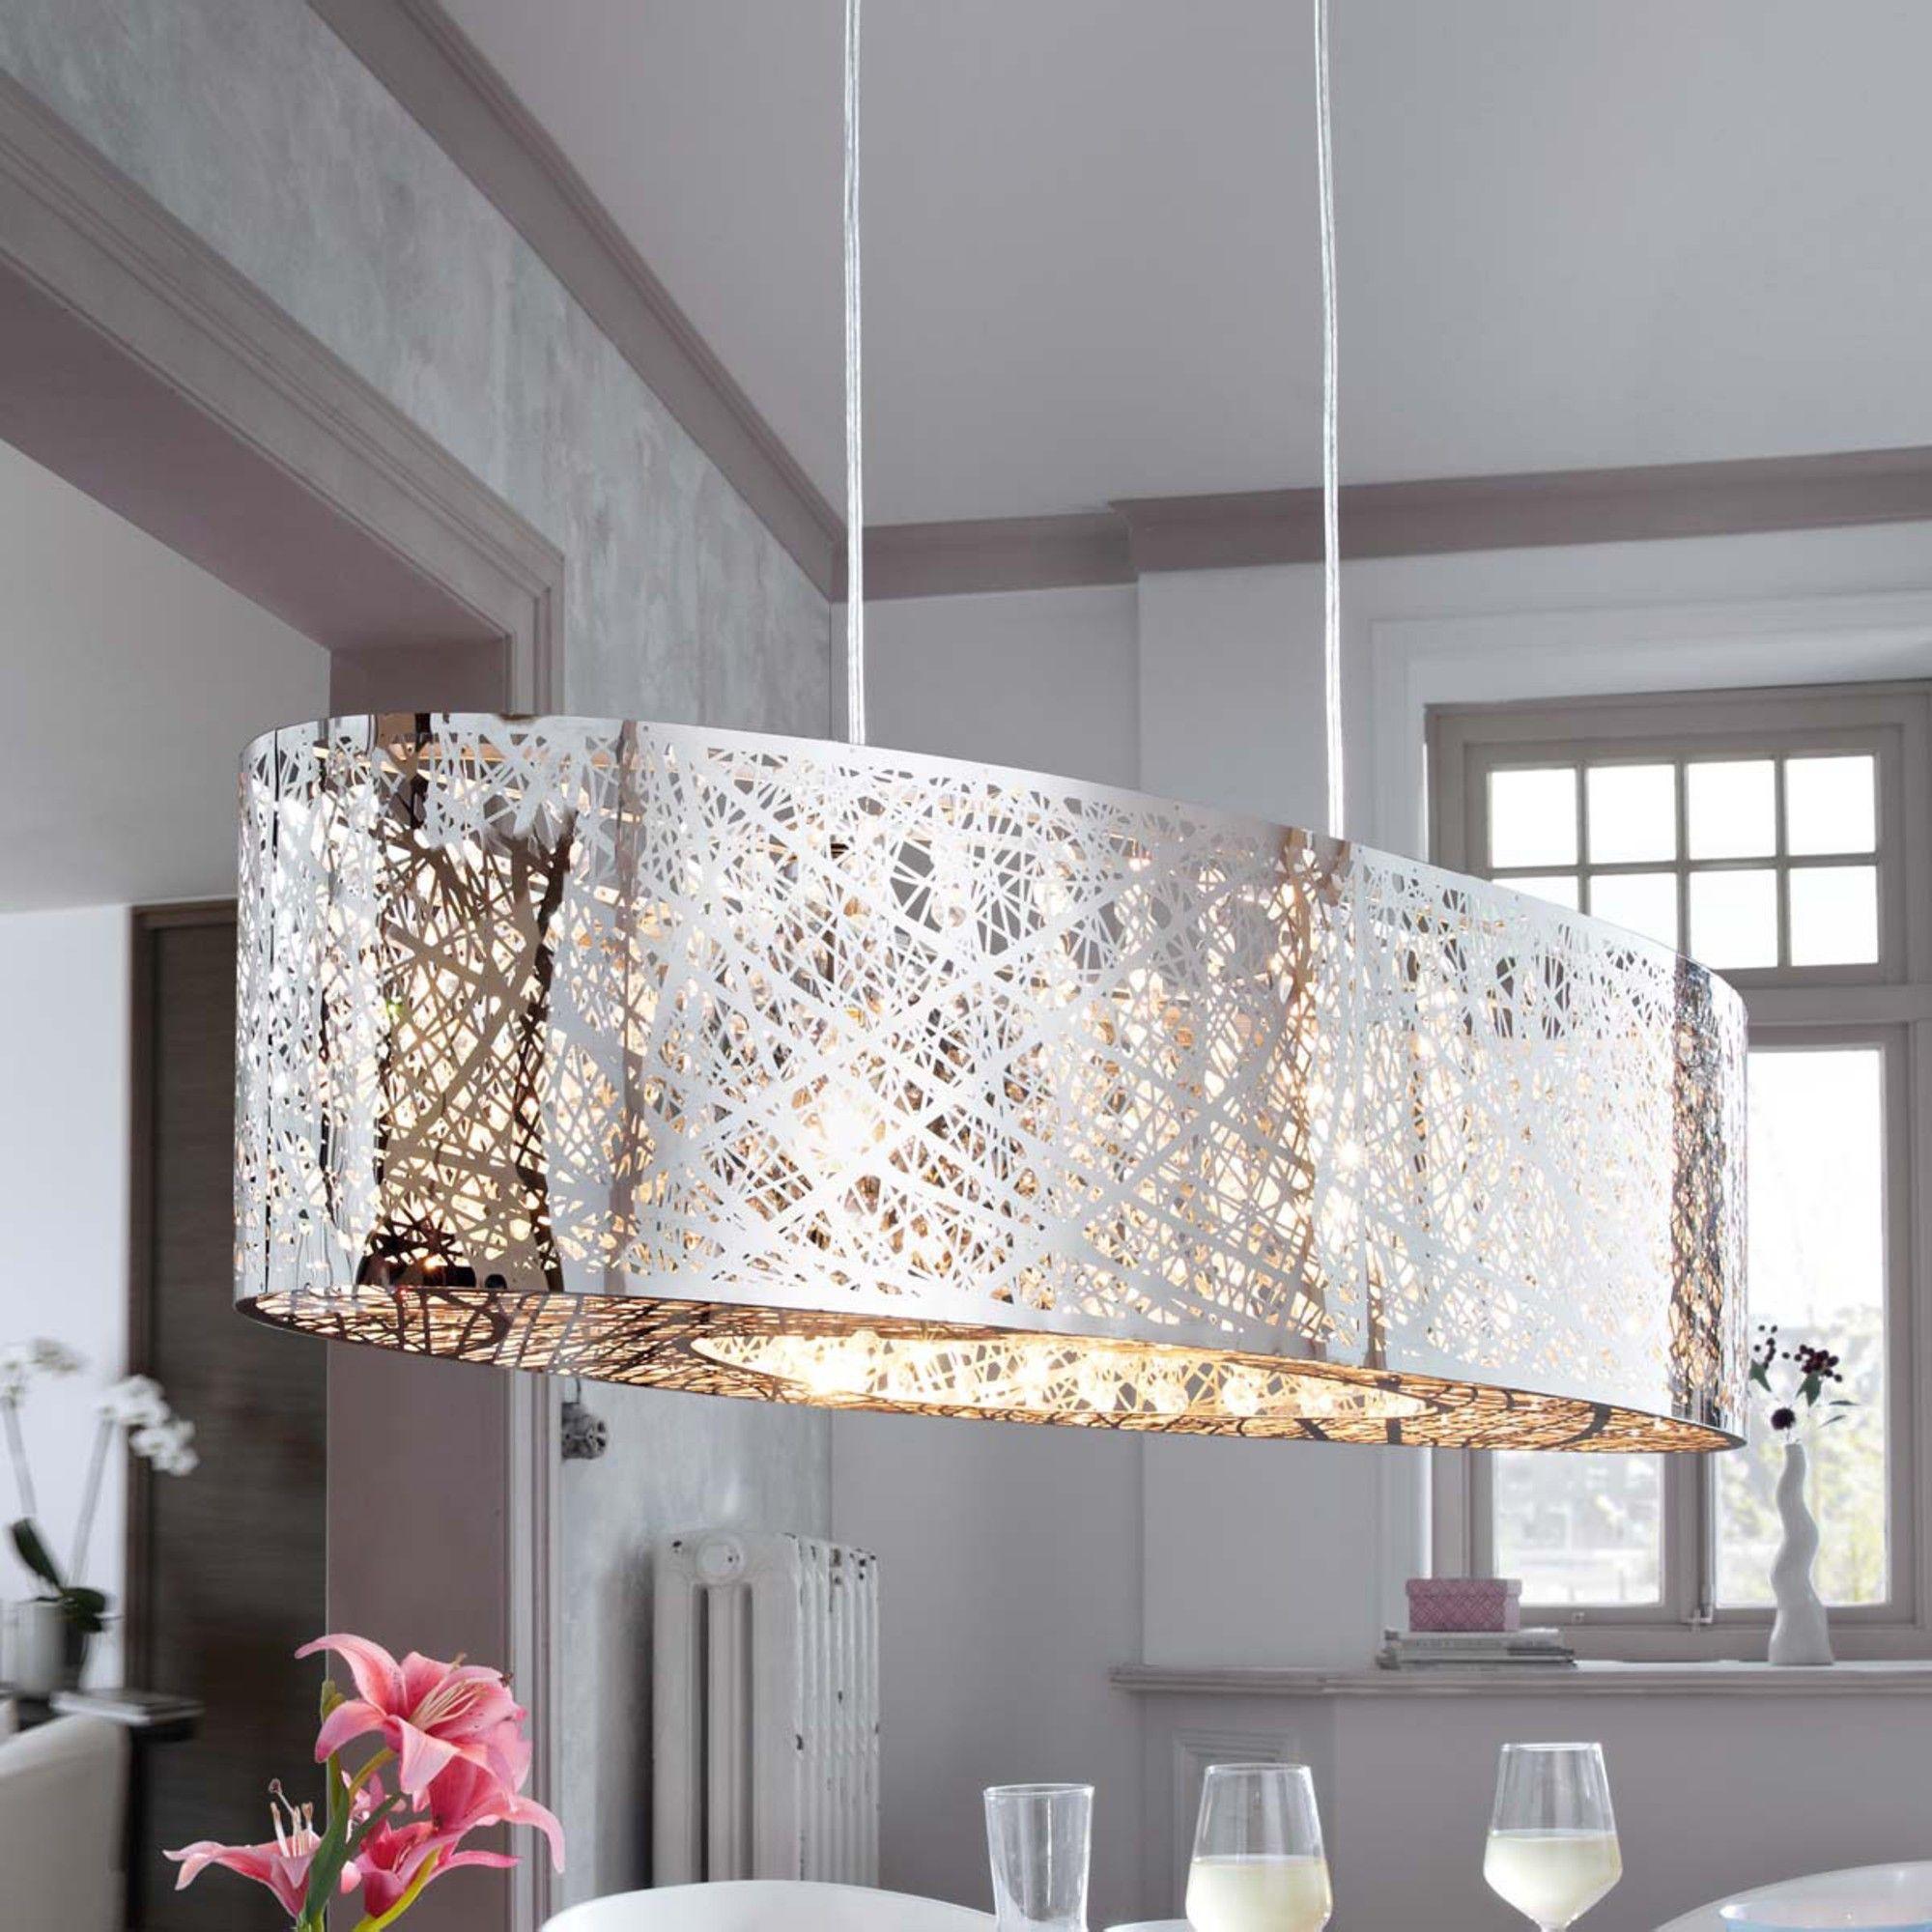 design pendelleuchte hängeleuchte esstisch deckenleuchte design moderne deckenleuchten